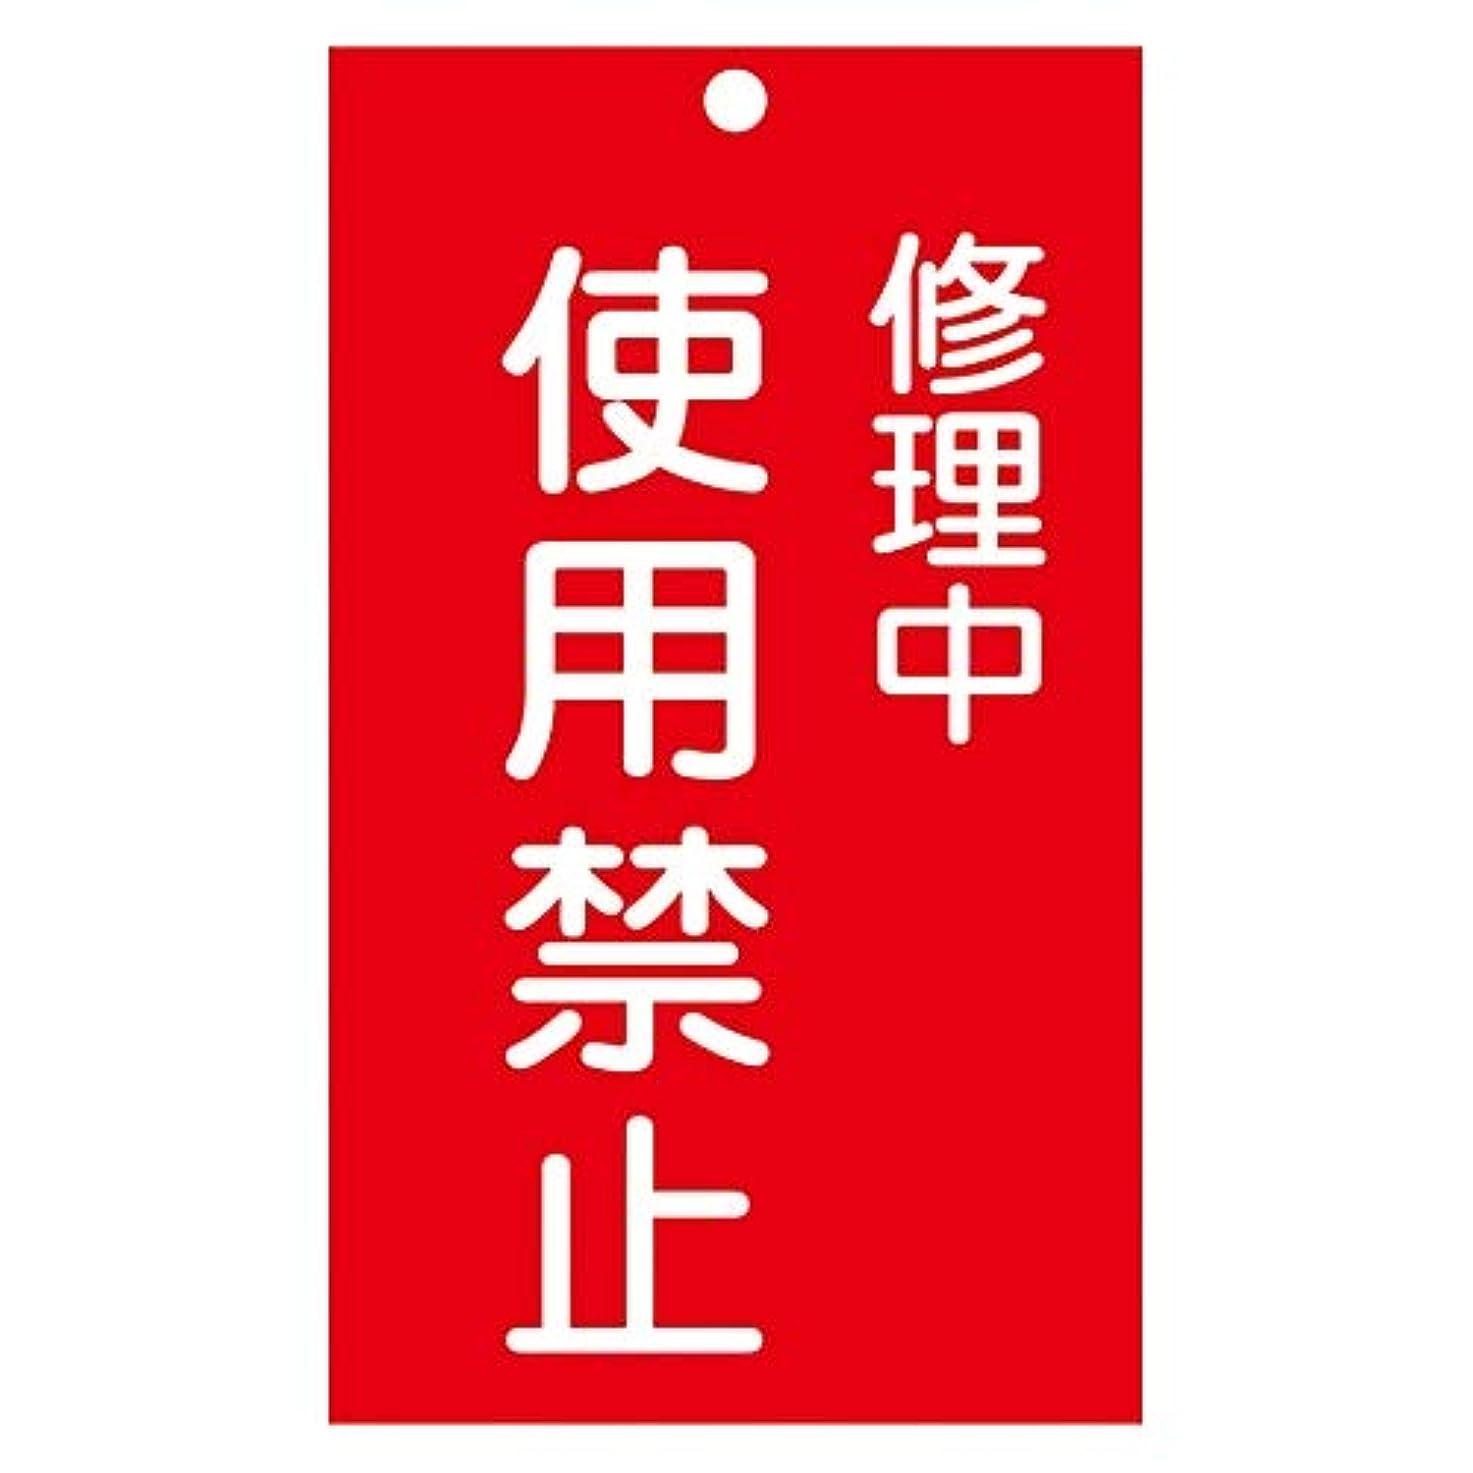 テスト対象放棄命札 「修理中 使用禁止」 札-207/61-3387-08